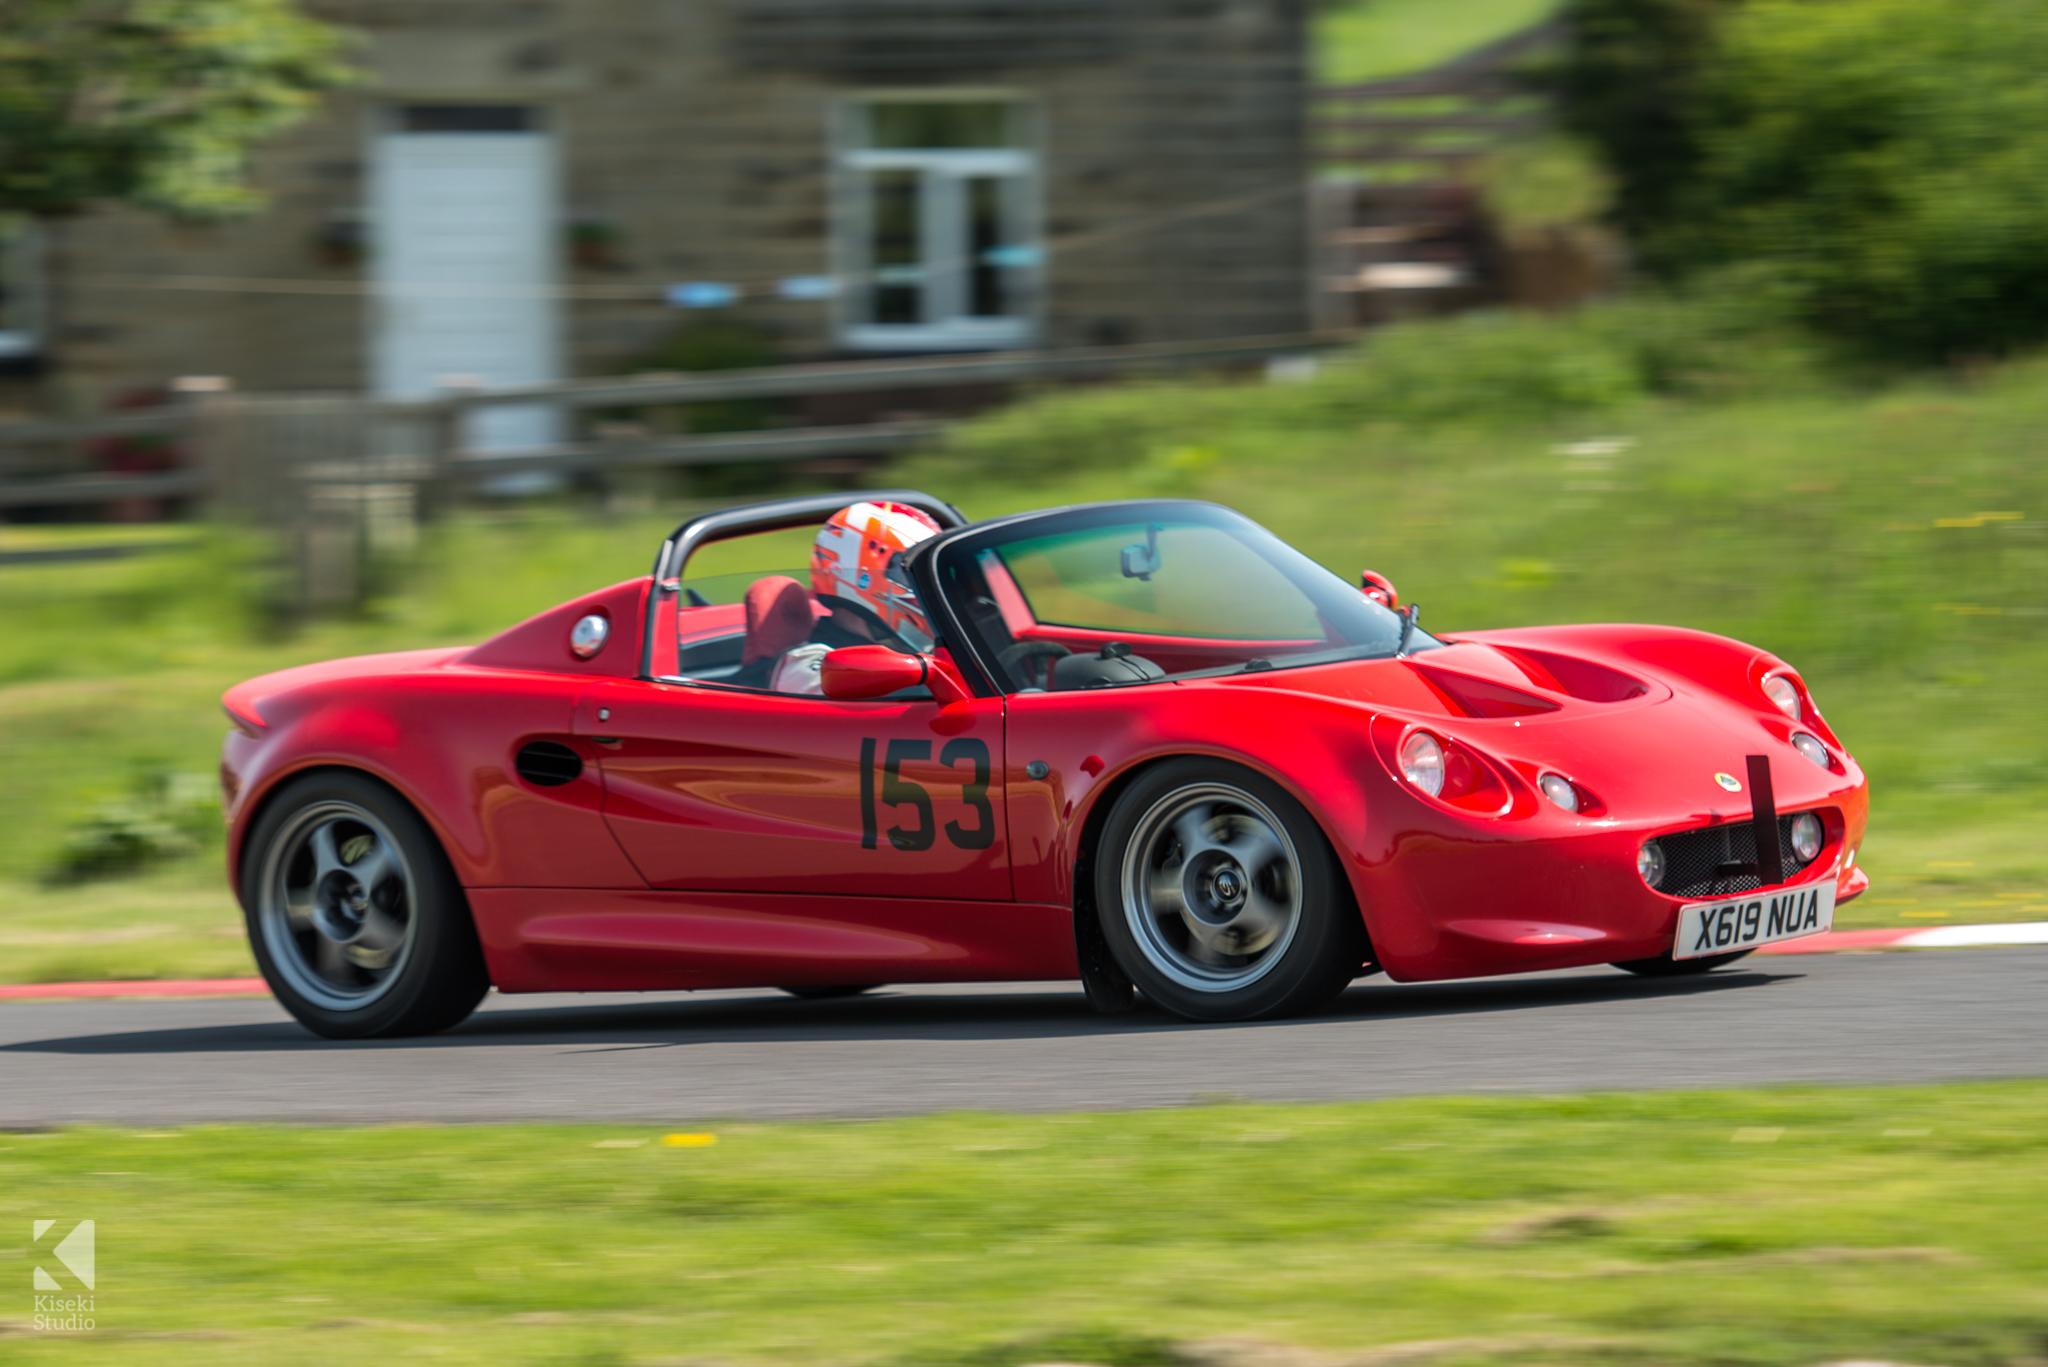 Lotus Elise Red Harewood